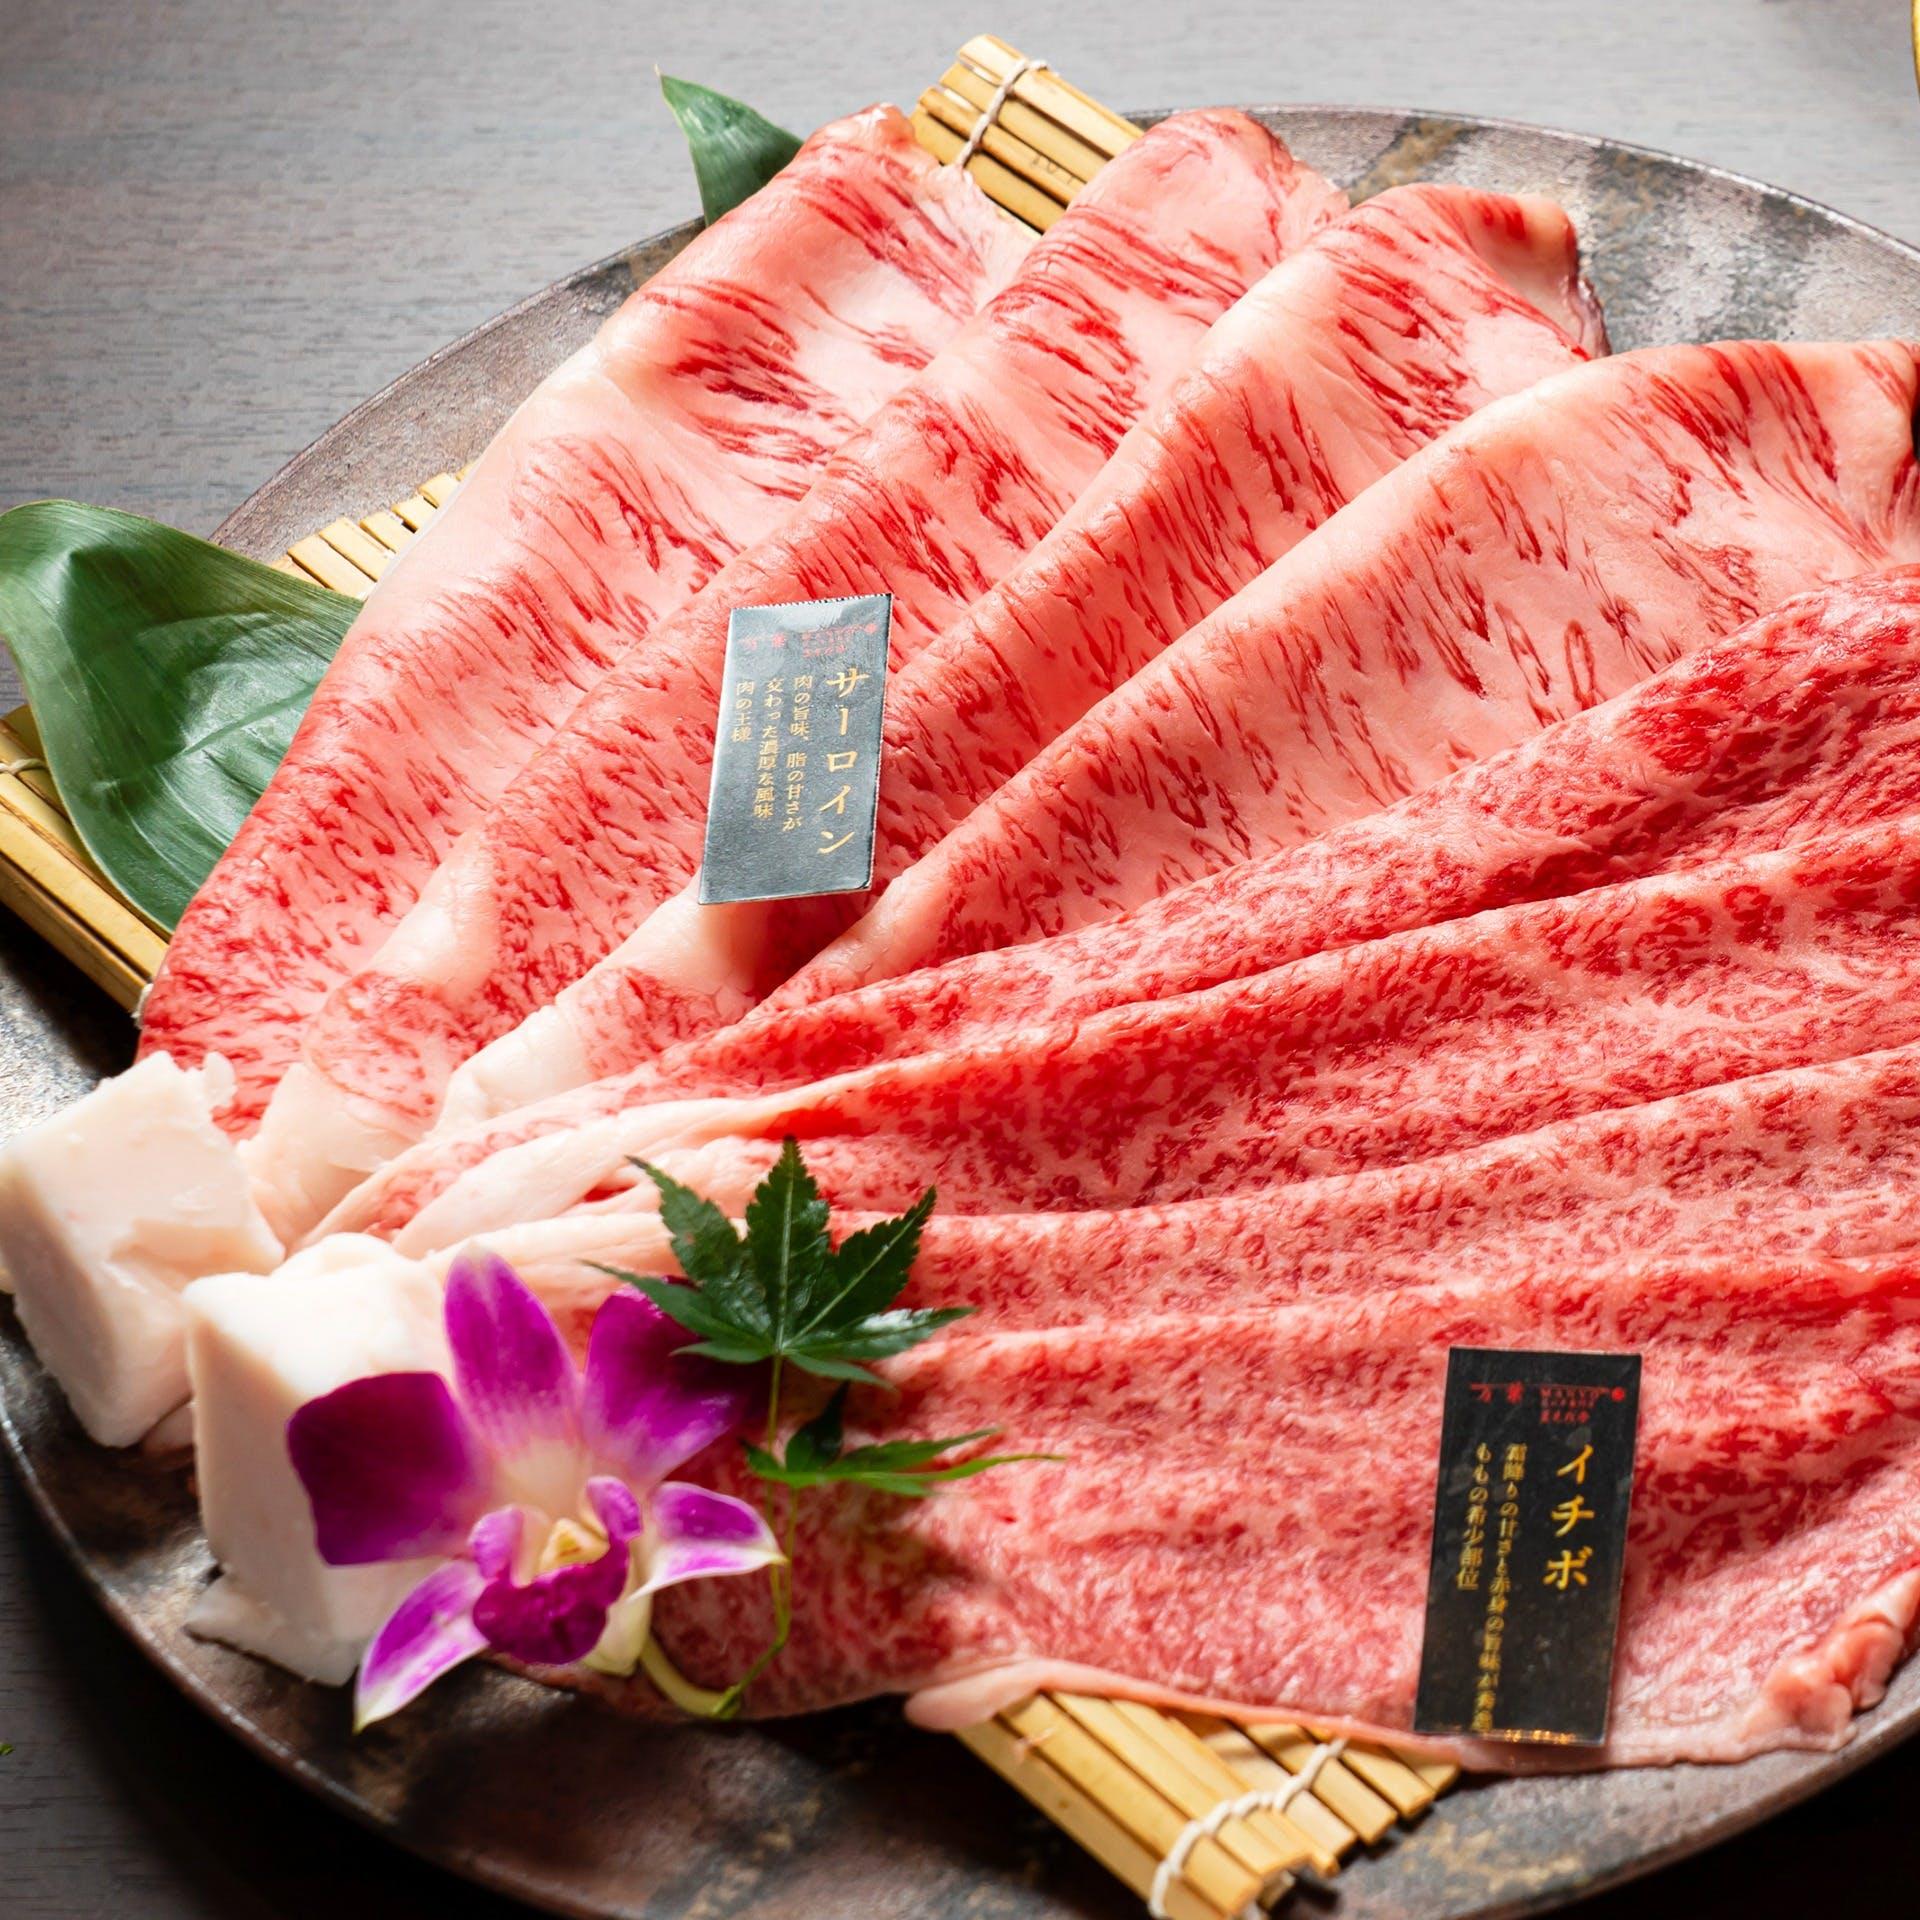 専門店ならではの価格と質で味わう「すき焼き」「焼き肉」